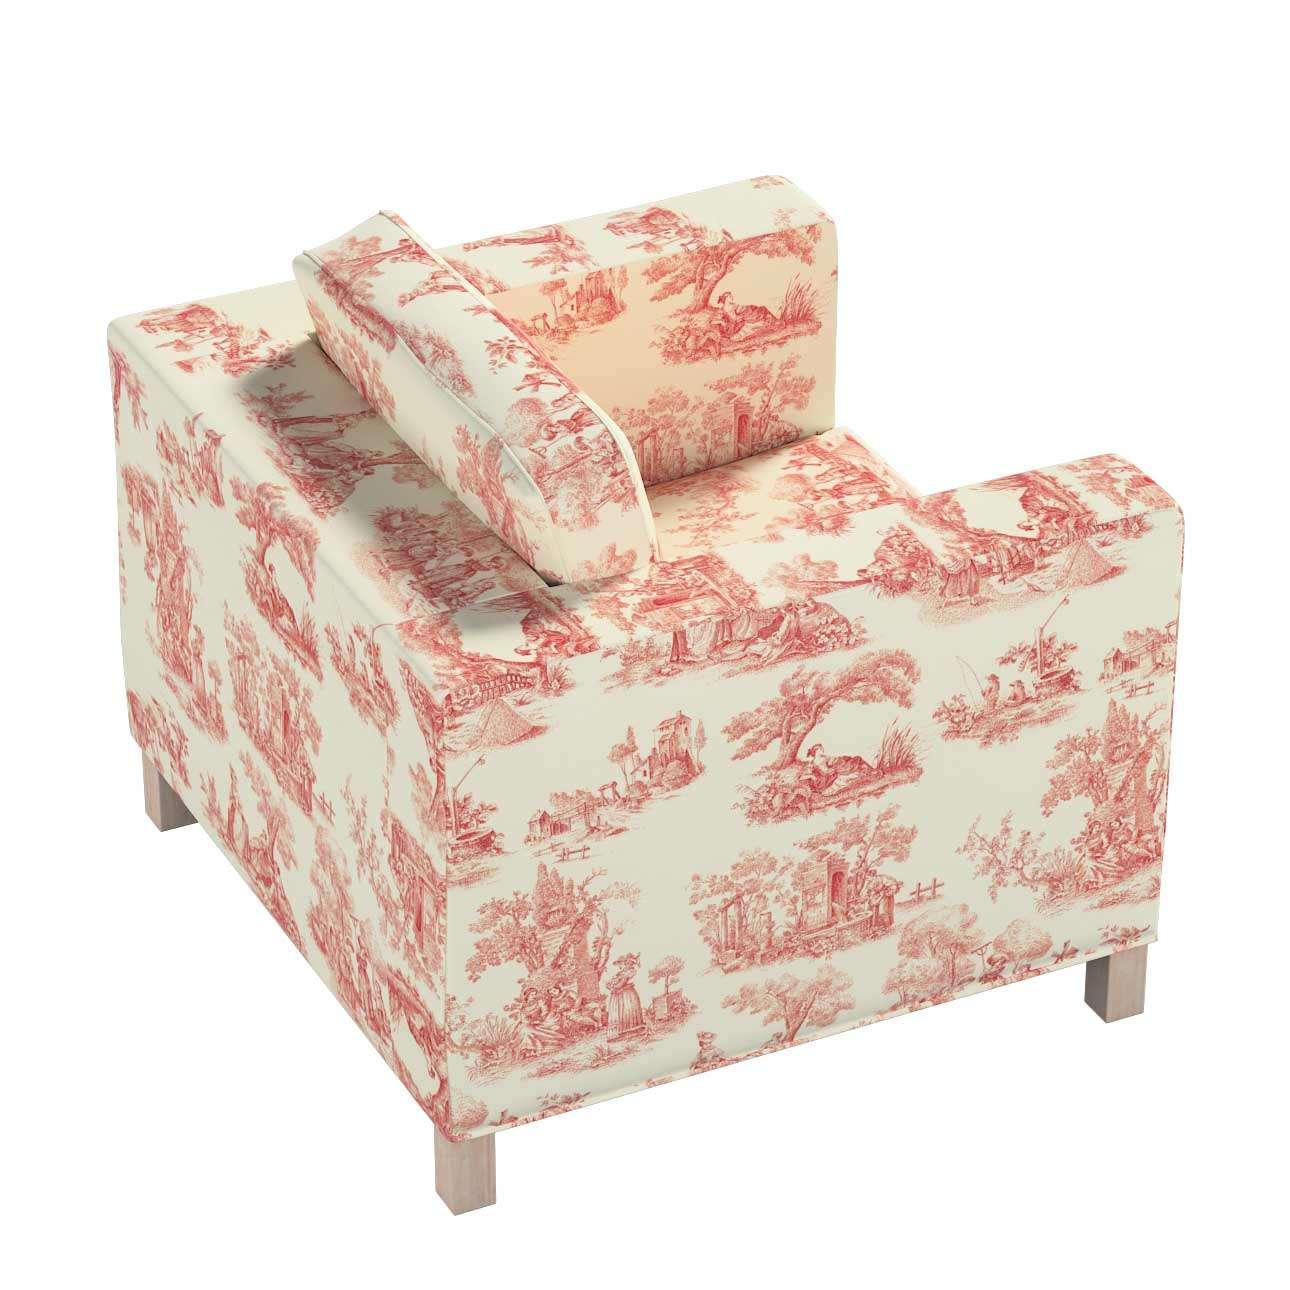 Karlanda päällinen nojatuoli, lyhyt mallistosta Avinon, Kangas: 132-15